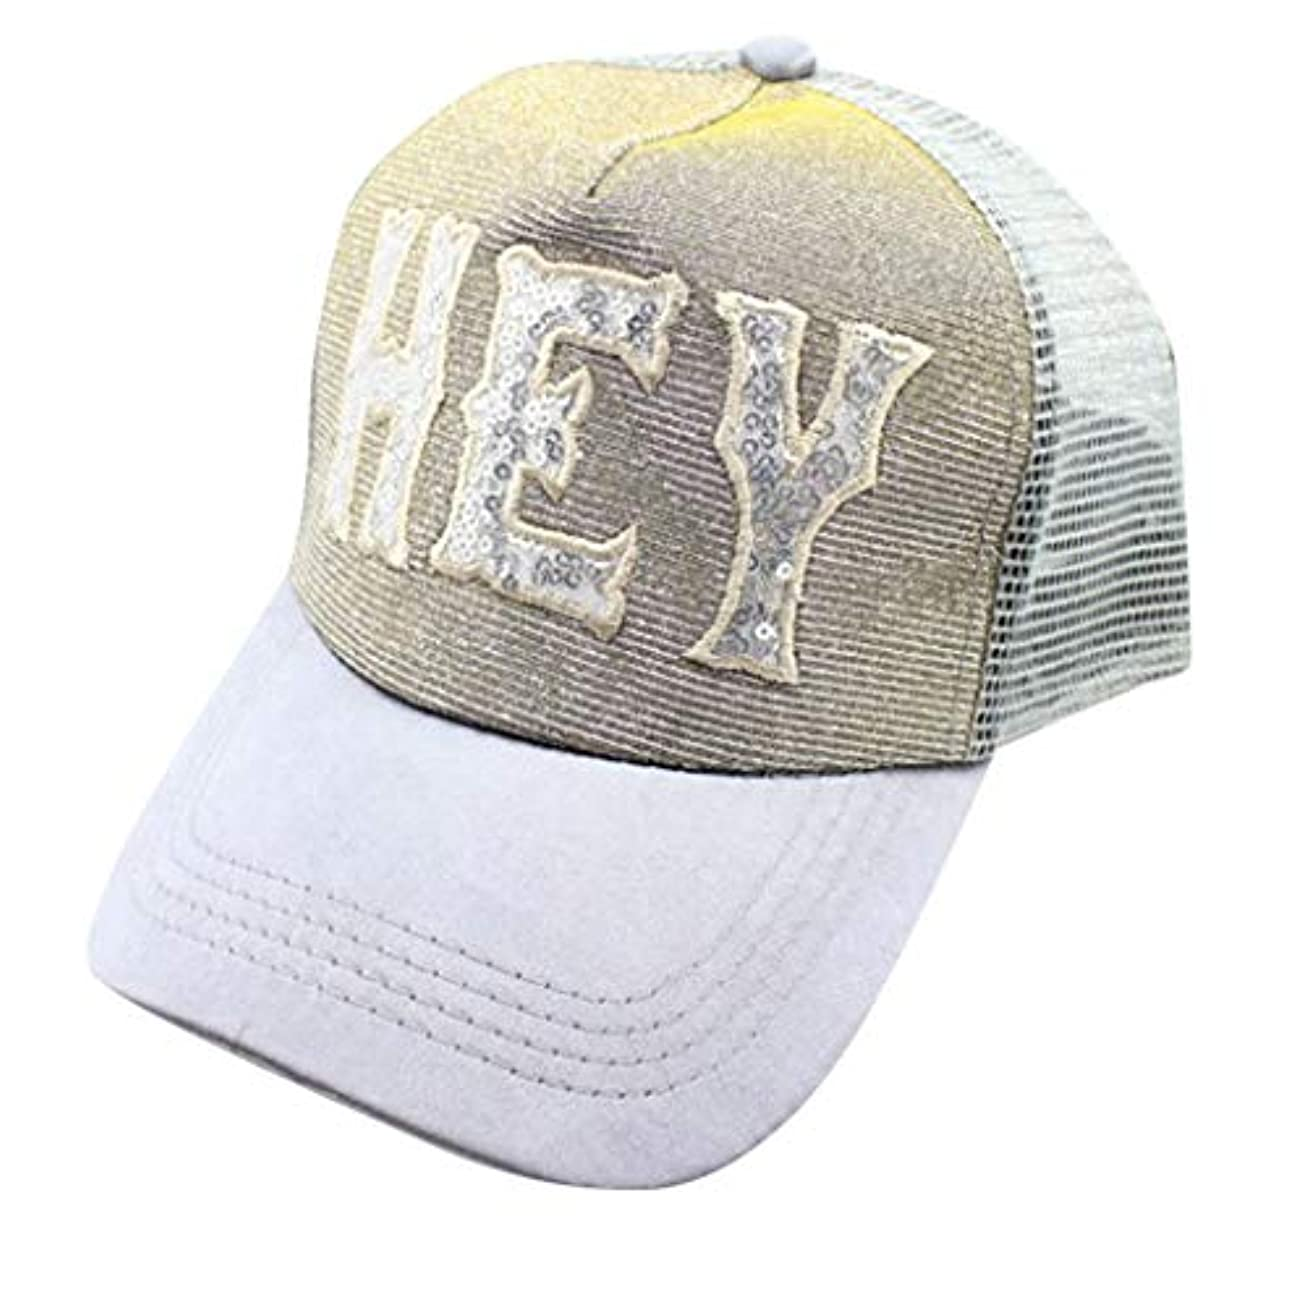 海岸明確な横向きメンズレディースキャップ小顔効果つば広可愛い野球帽スパンコールメッシュサイズ調節可ハット (E)